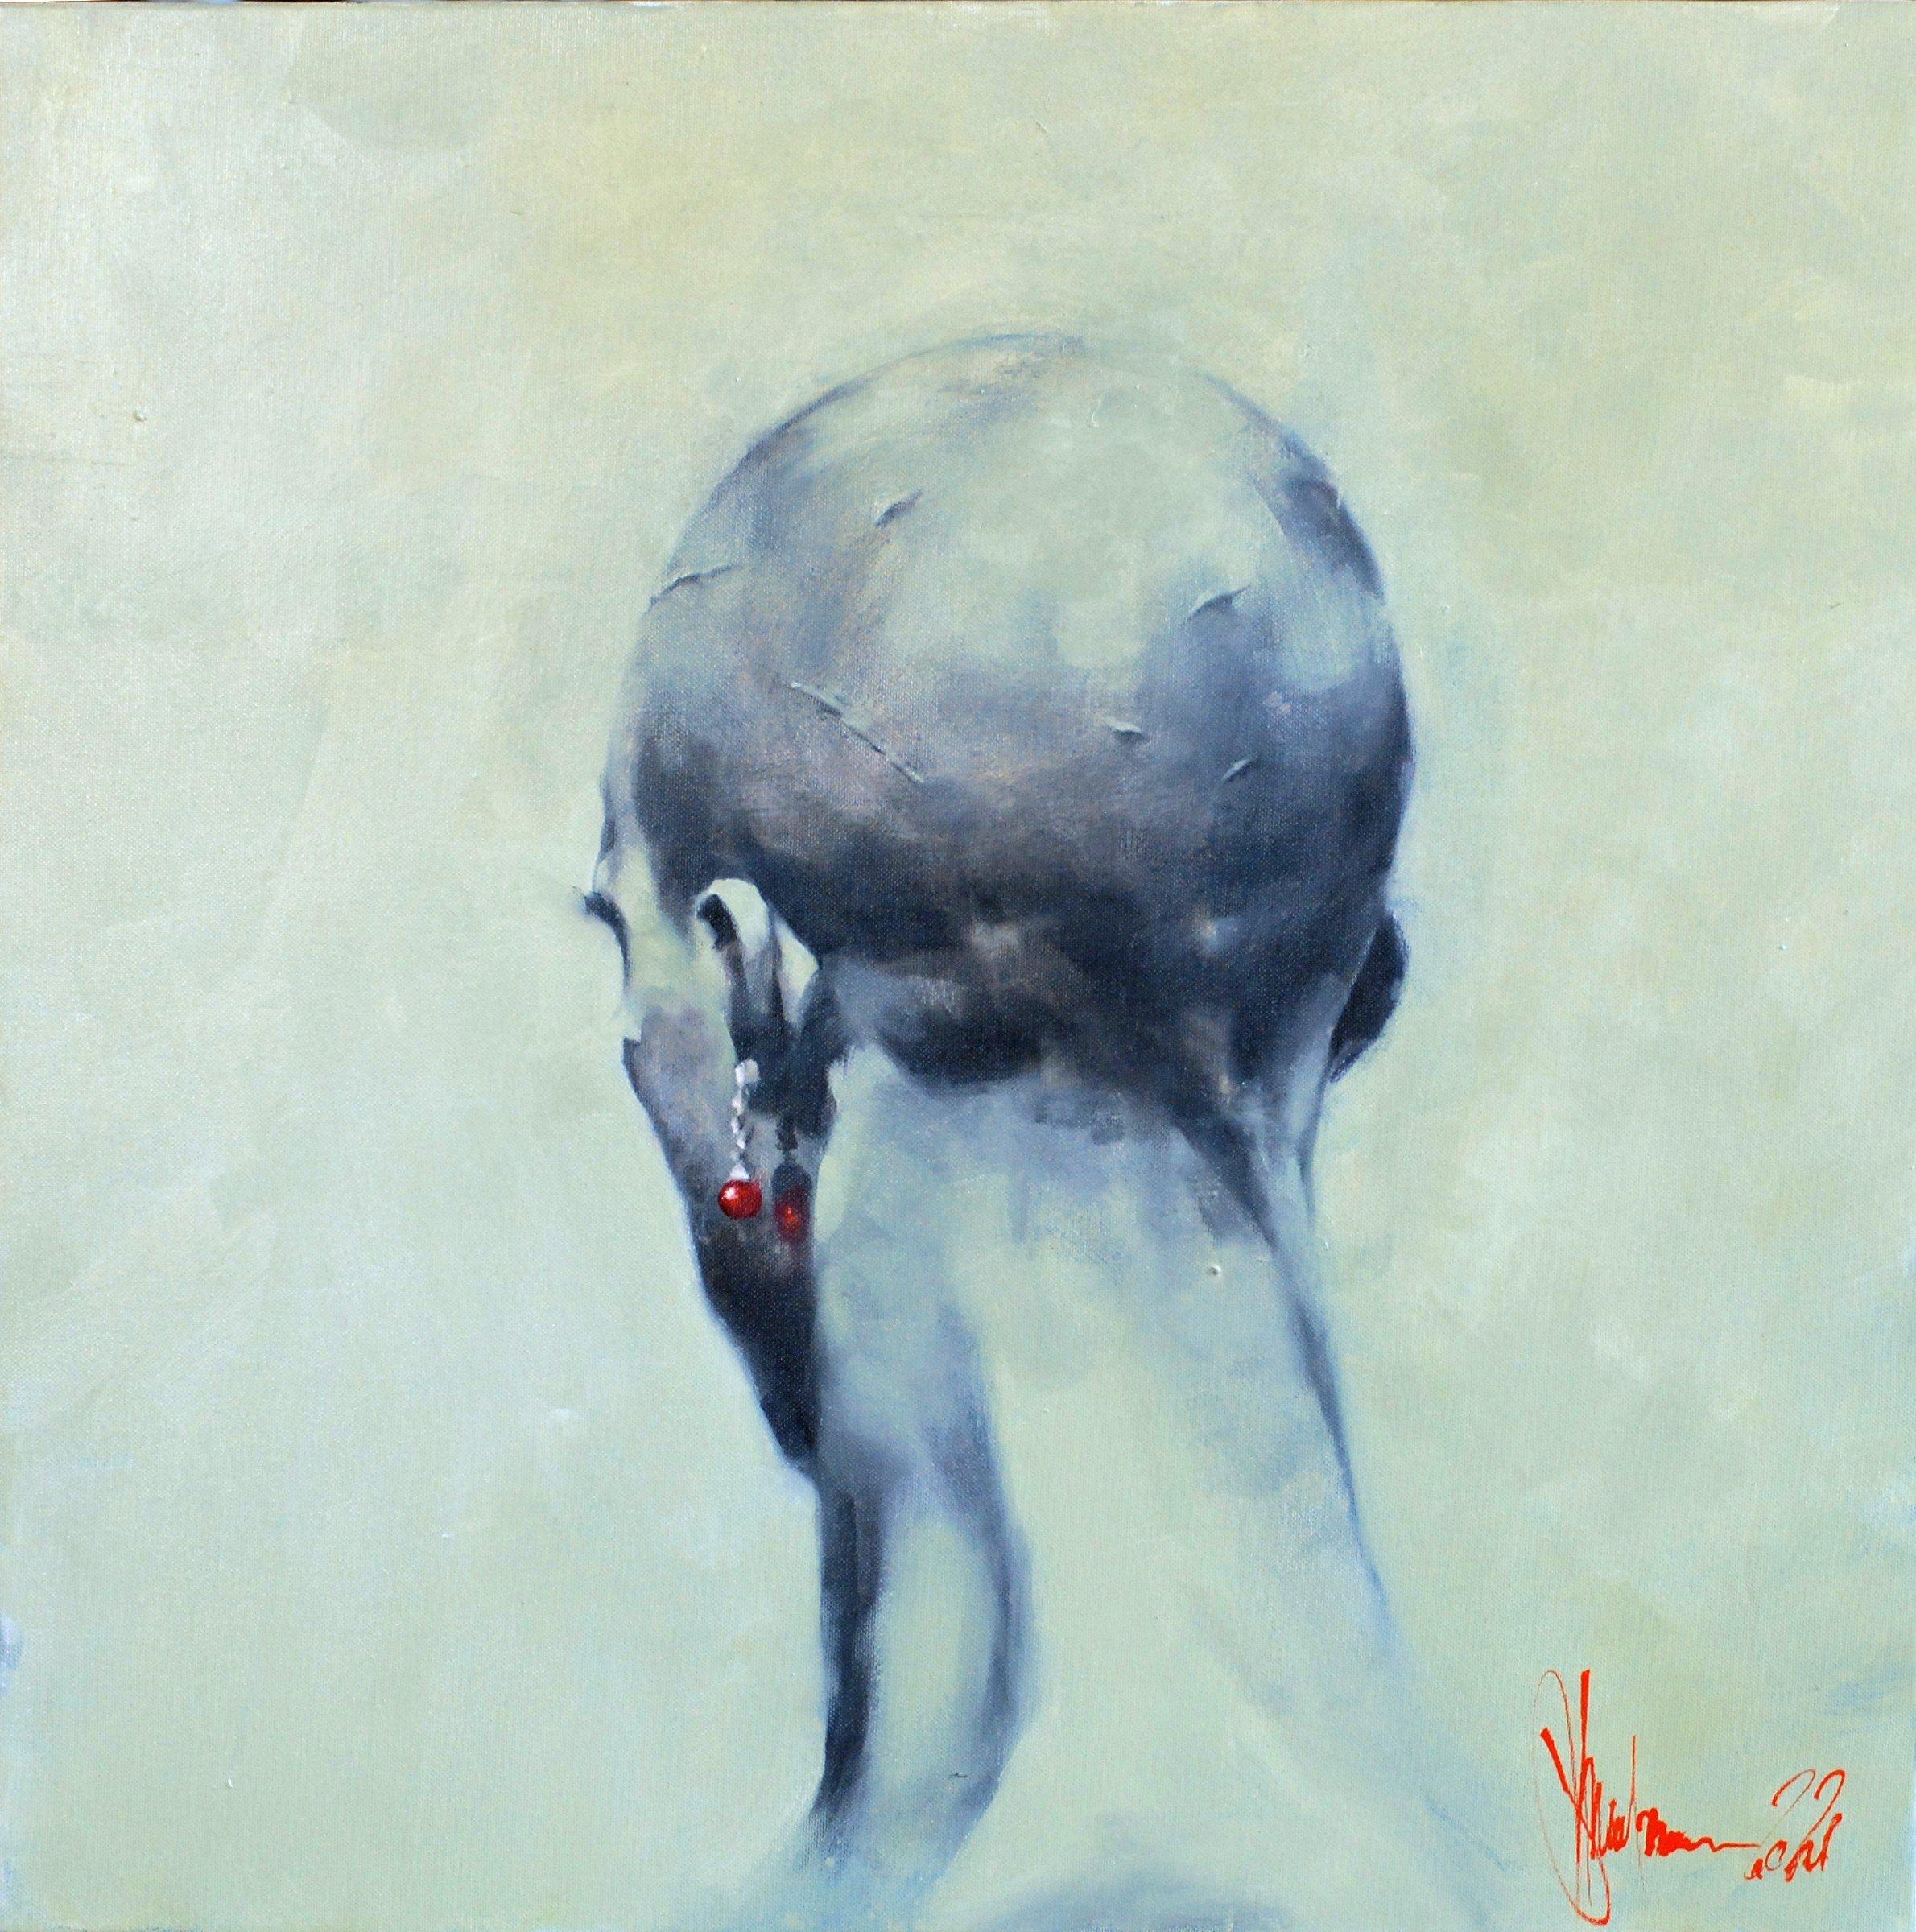 A Head. 2021